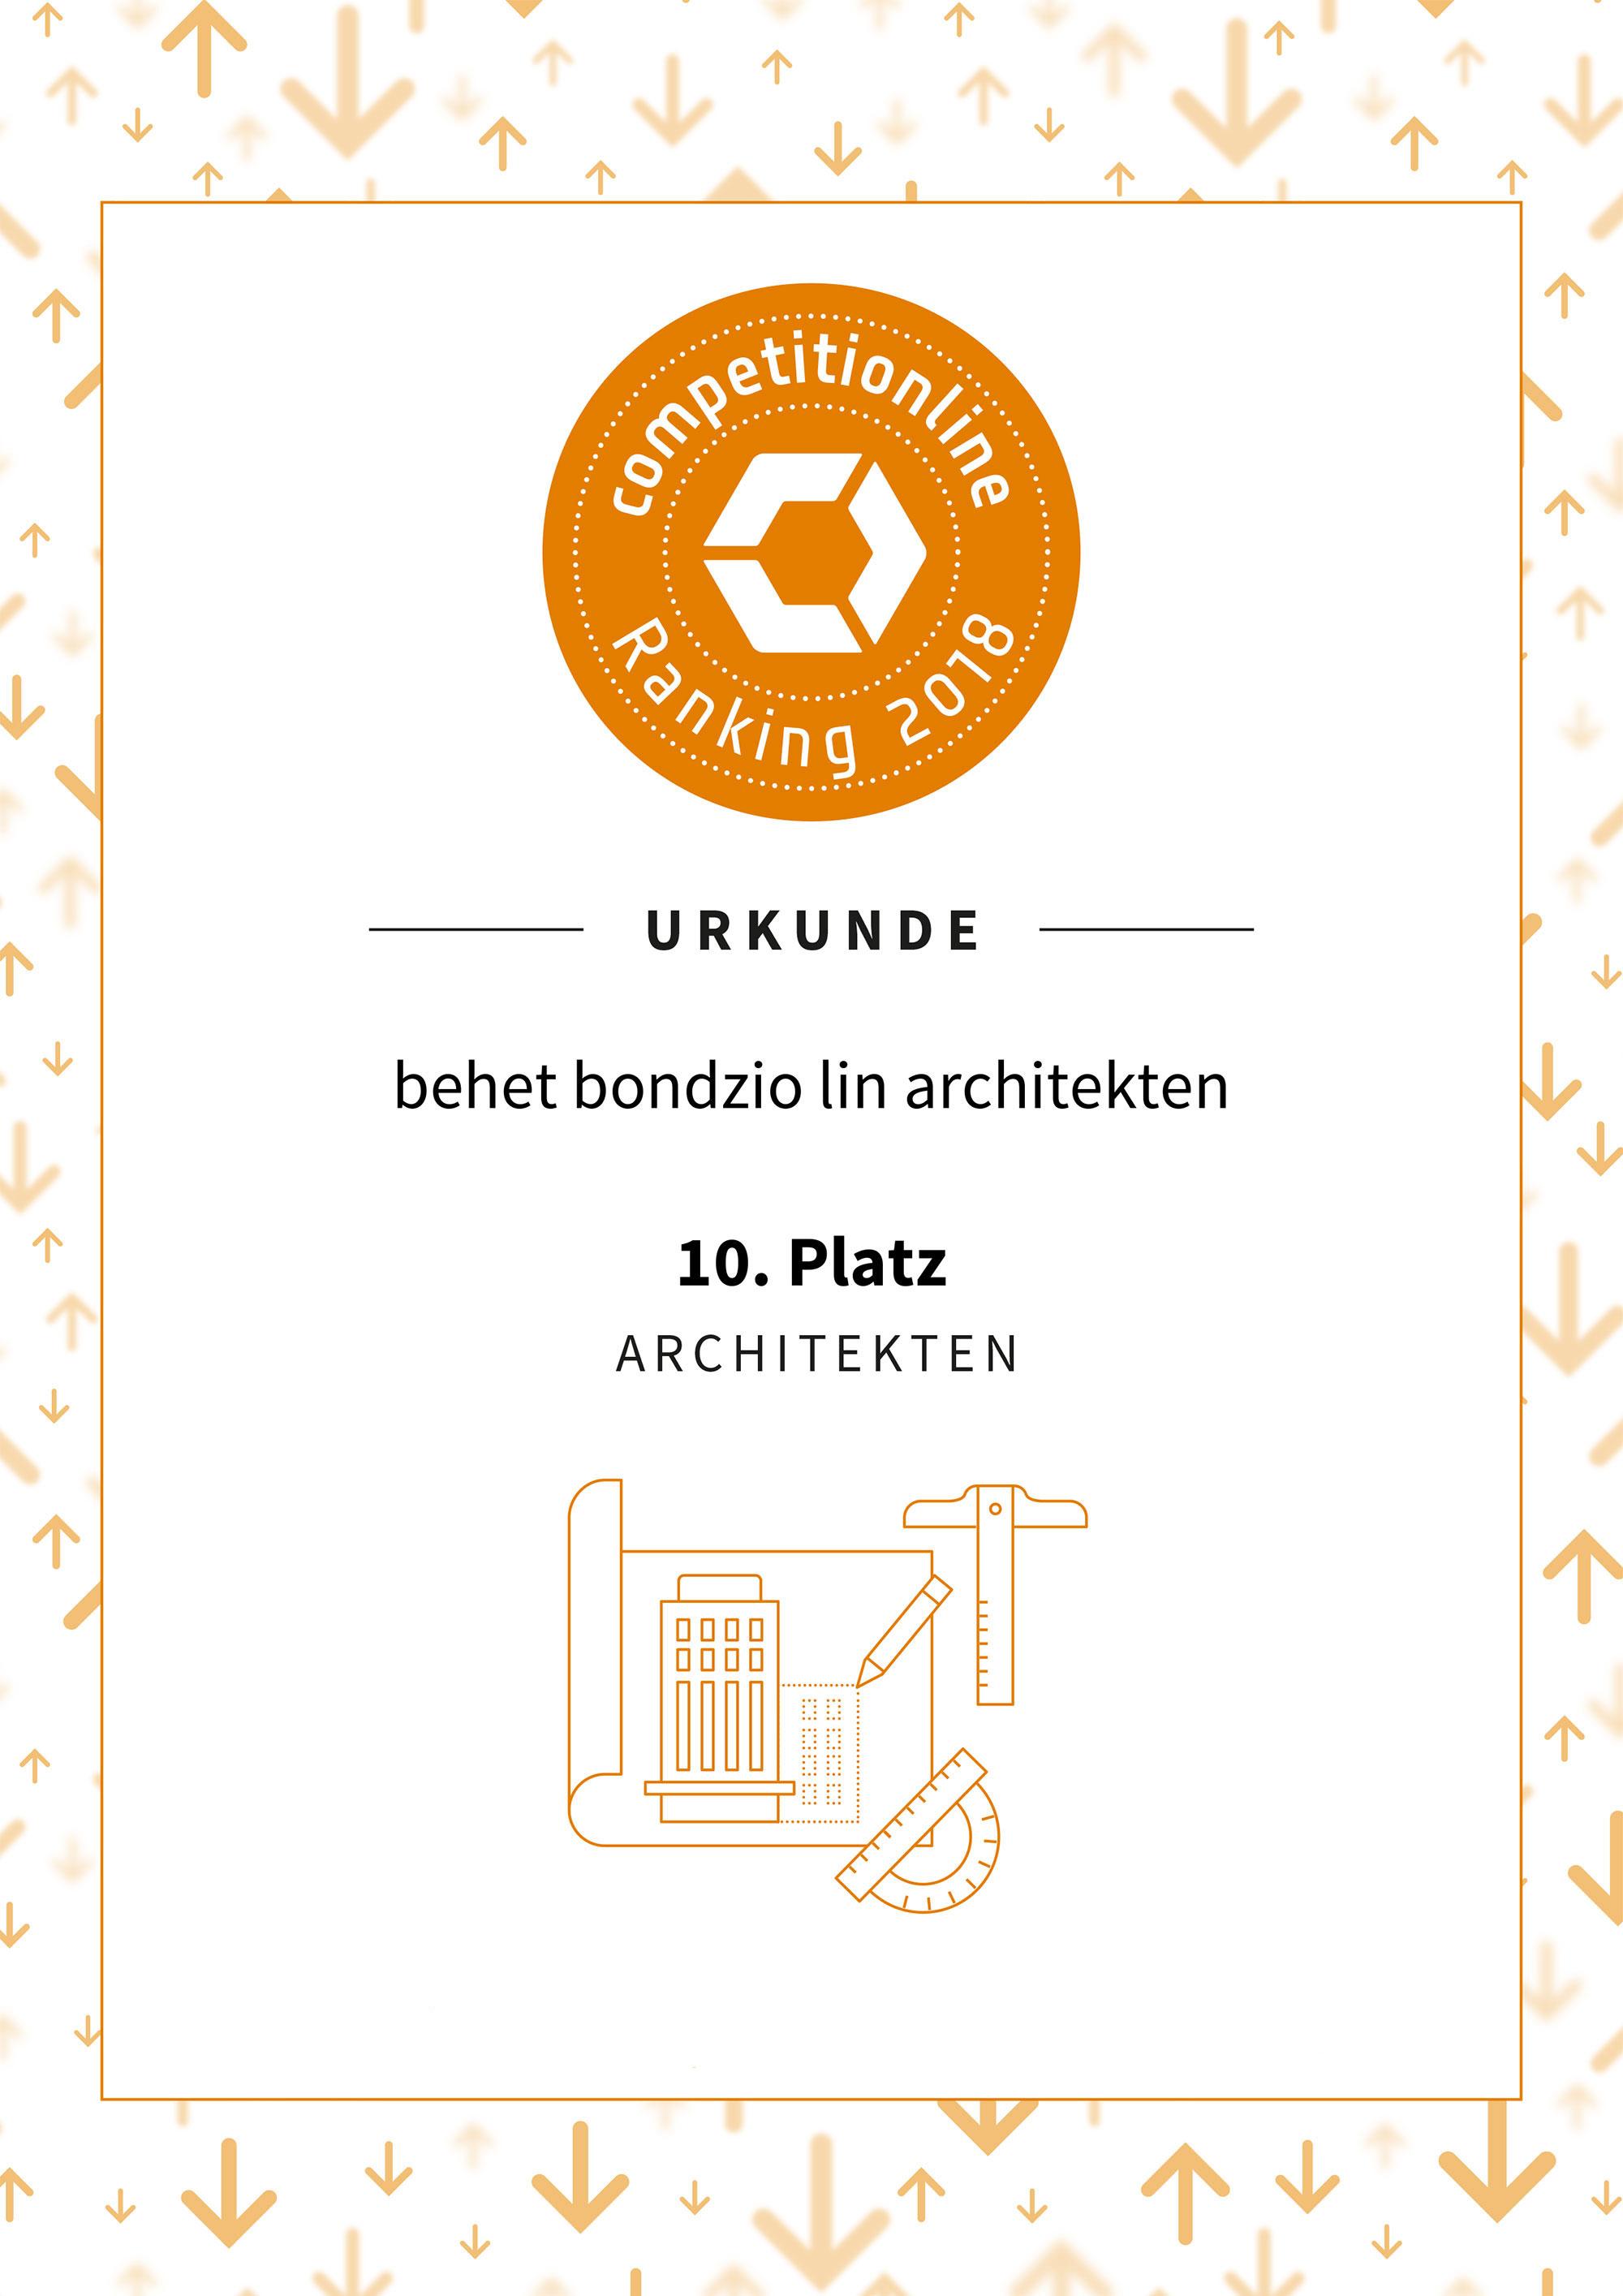 competitionline-urkunde-behet_bondzio-lin-architekten.jpg